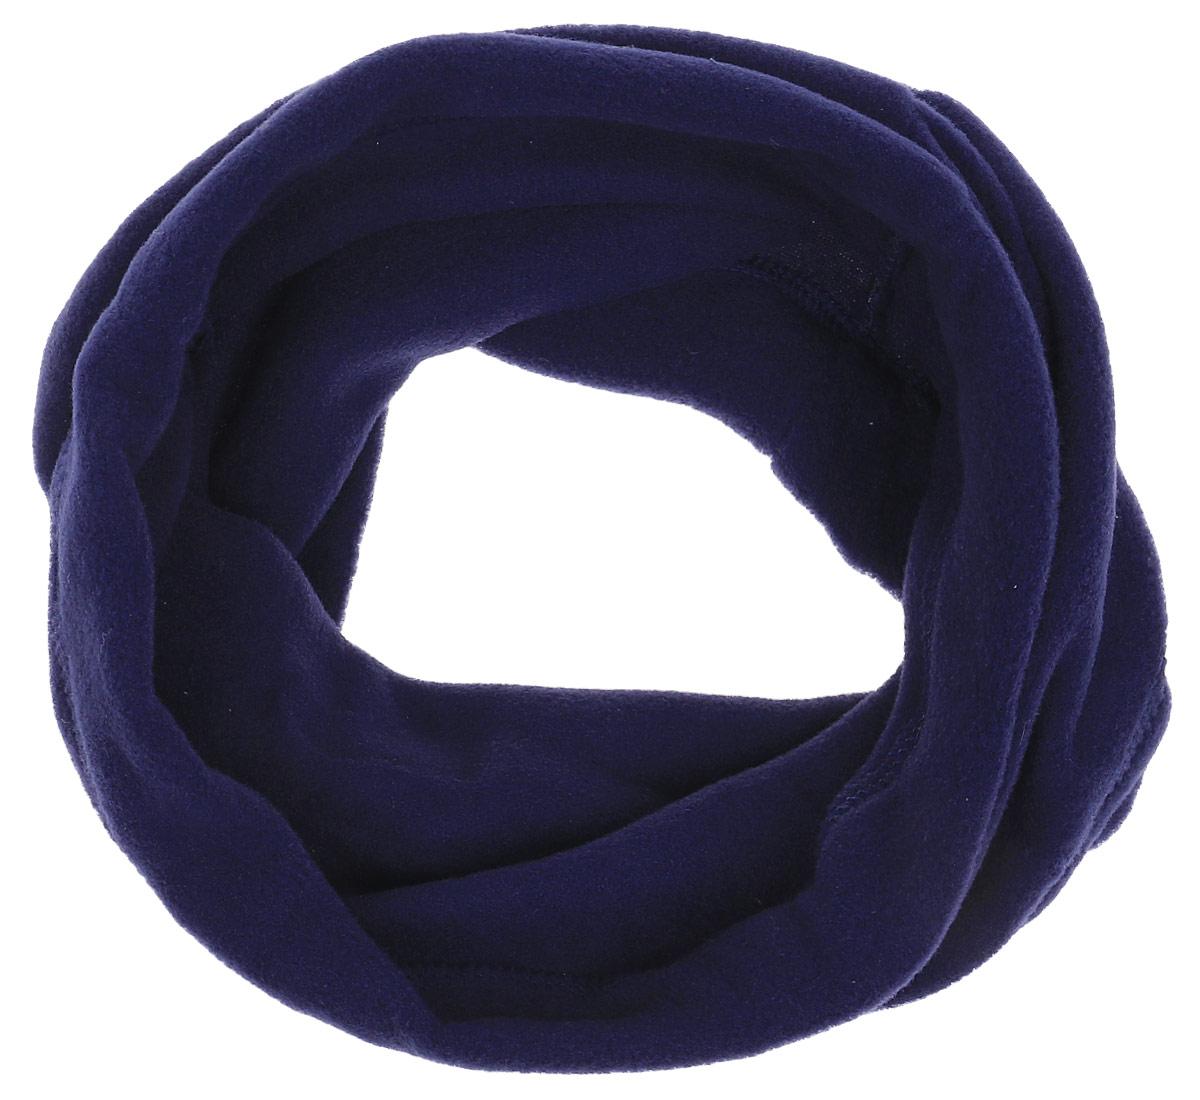 Шарф Buff Polar, цвет: фиолетовый. 107920.00. Размер универсальный